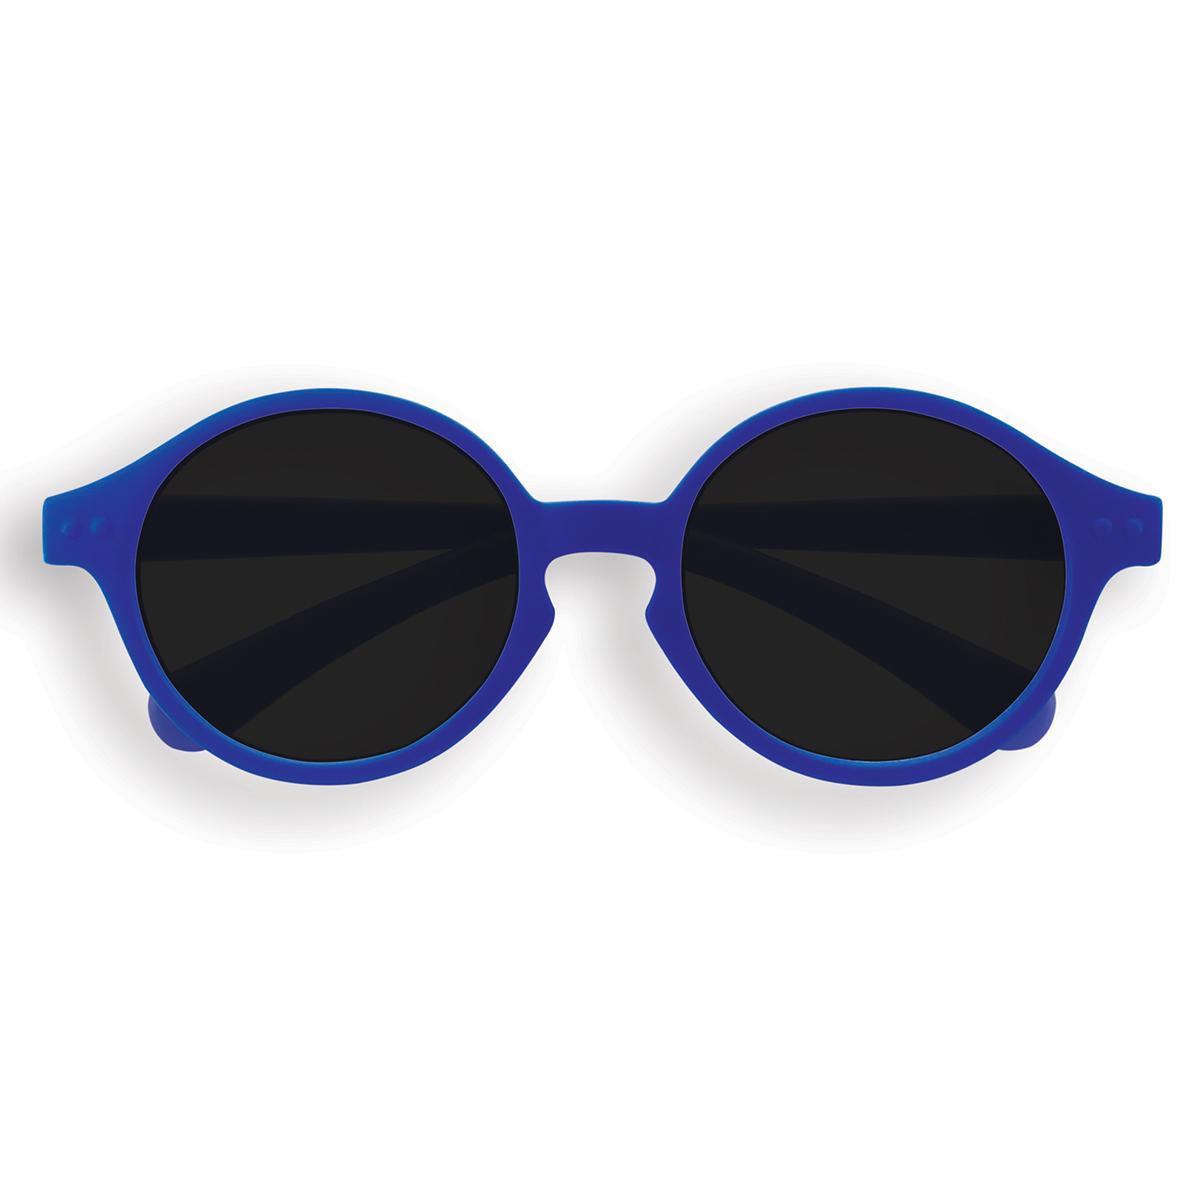 Accessoires bébé Lunettes de Soleil Sun Baby 0/12 Mois - Marine Blue